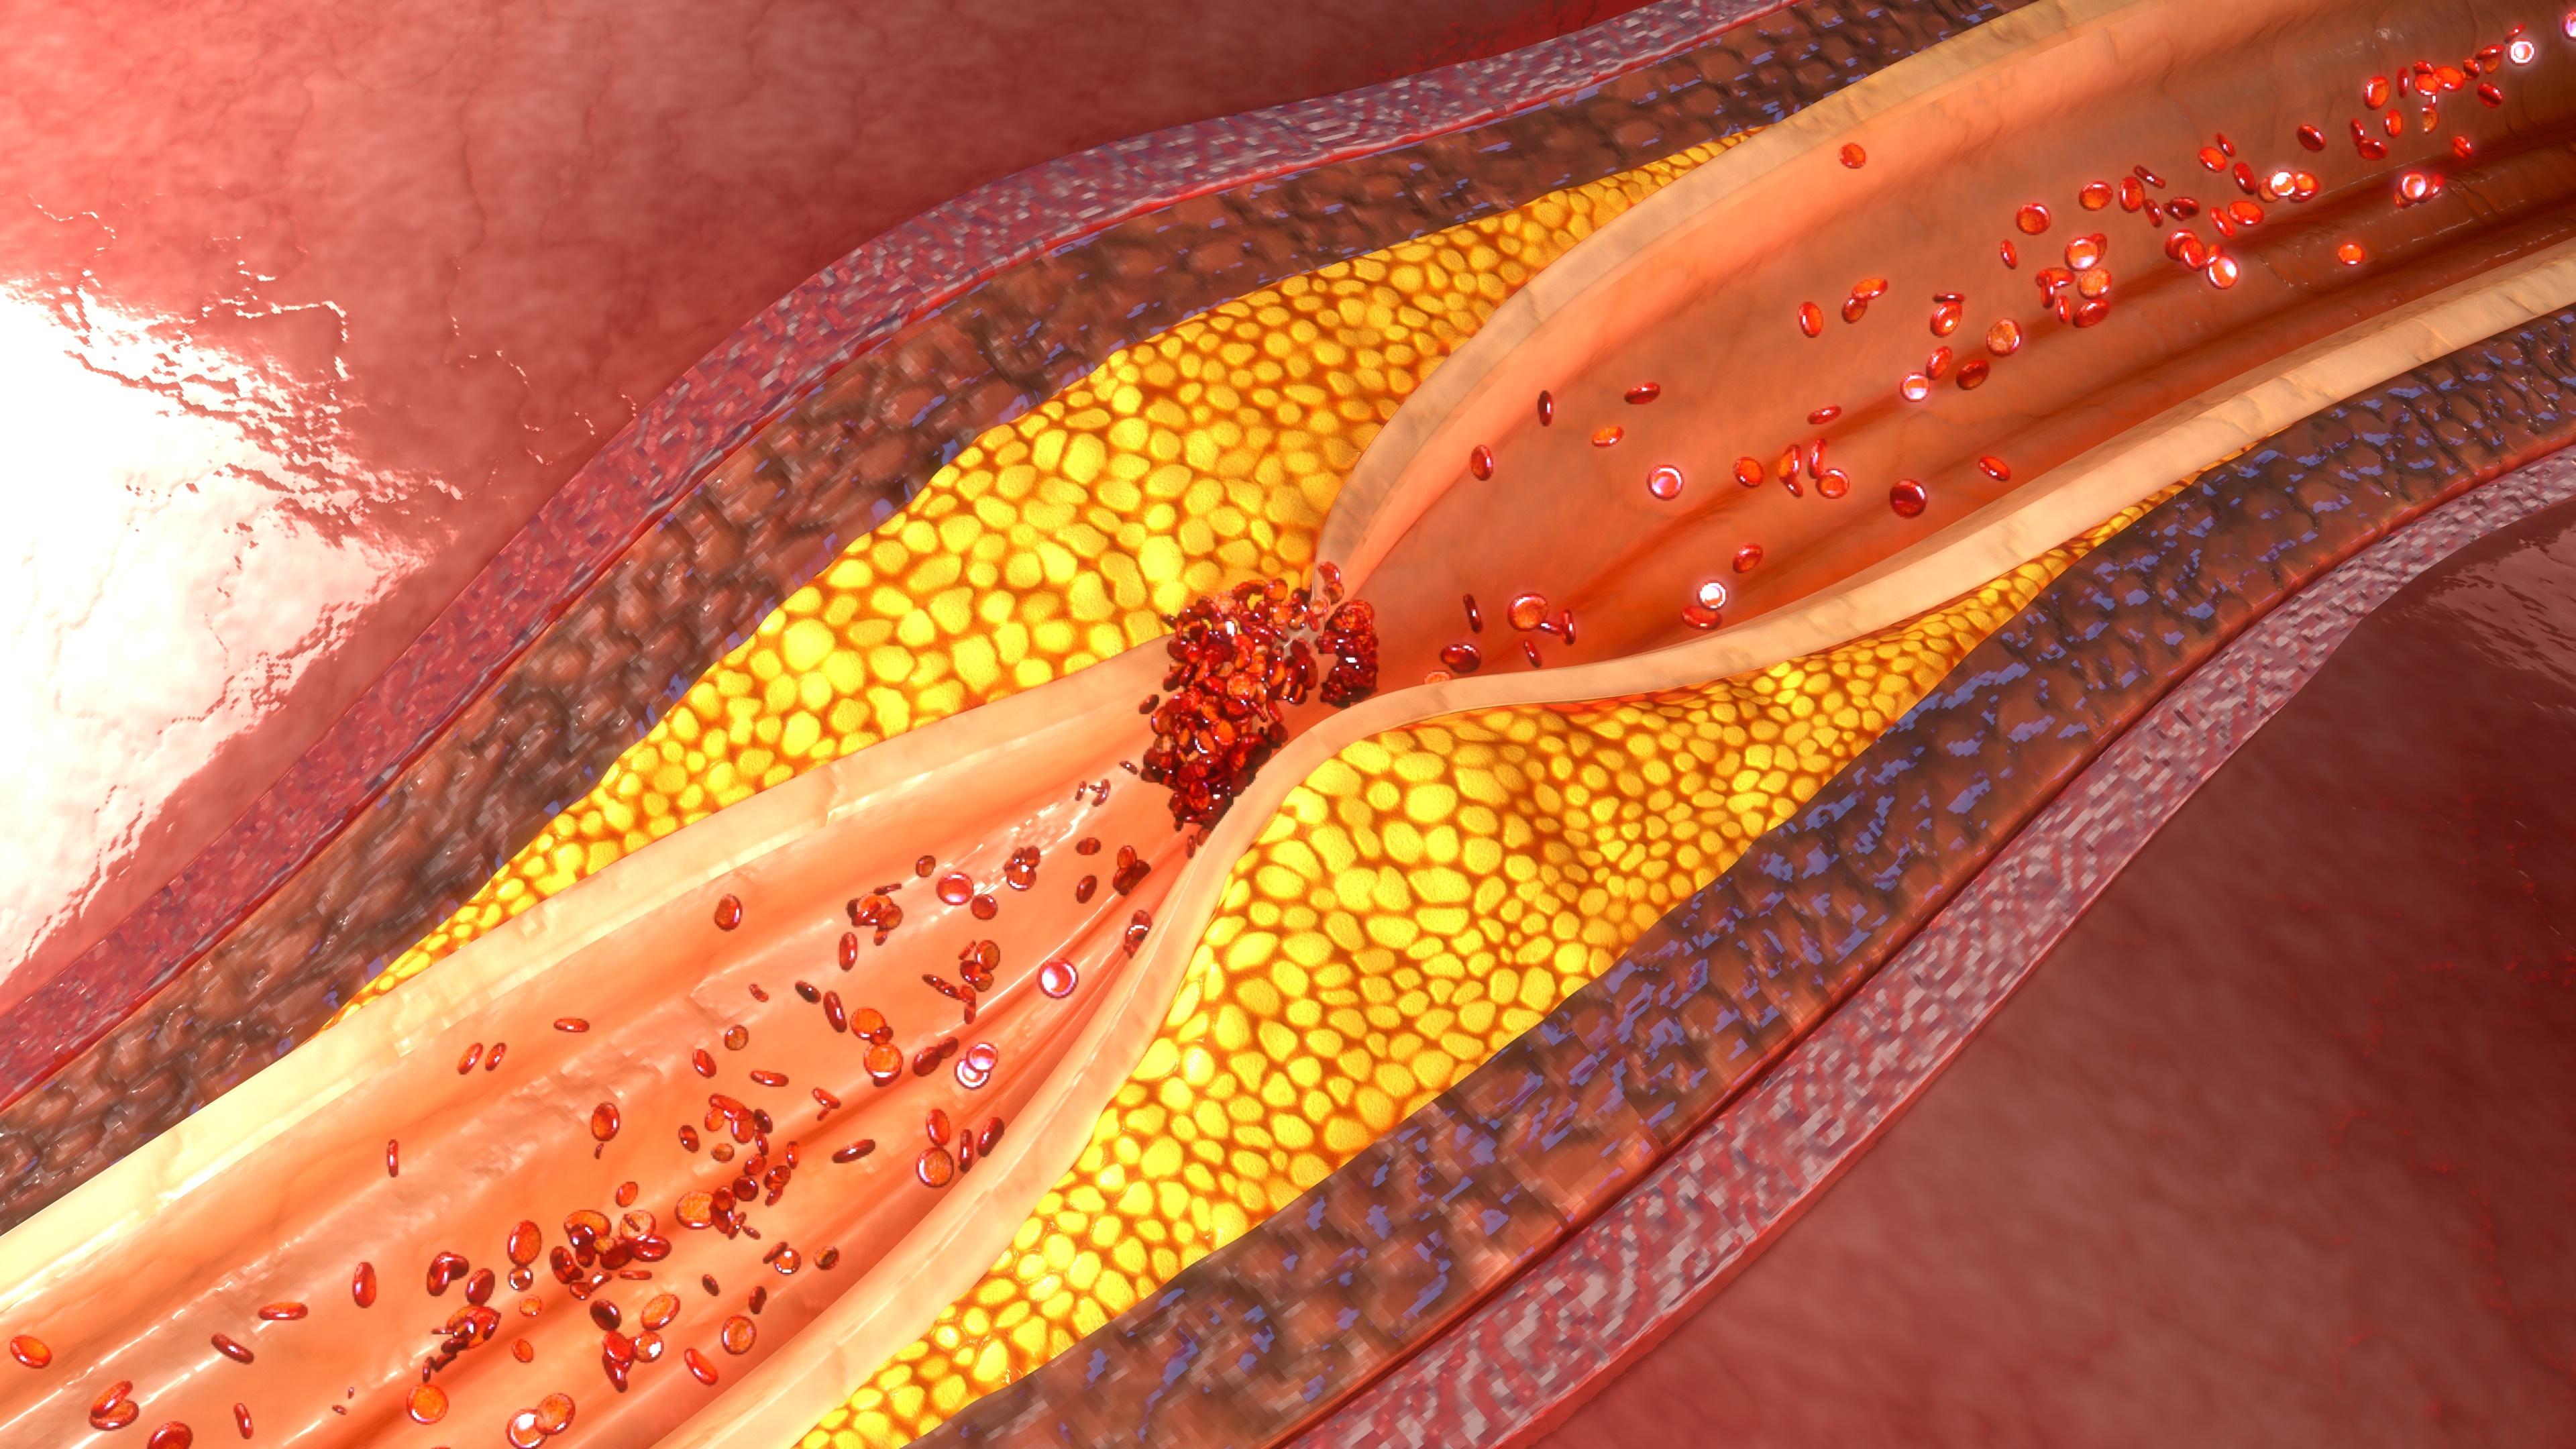 ATHÉROSCLÉROSE : De nouveaux peptides synthétiques bloquent l'inflammation - santé log